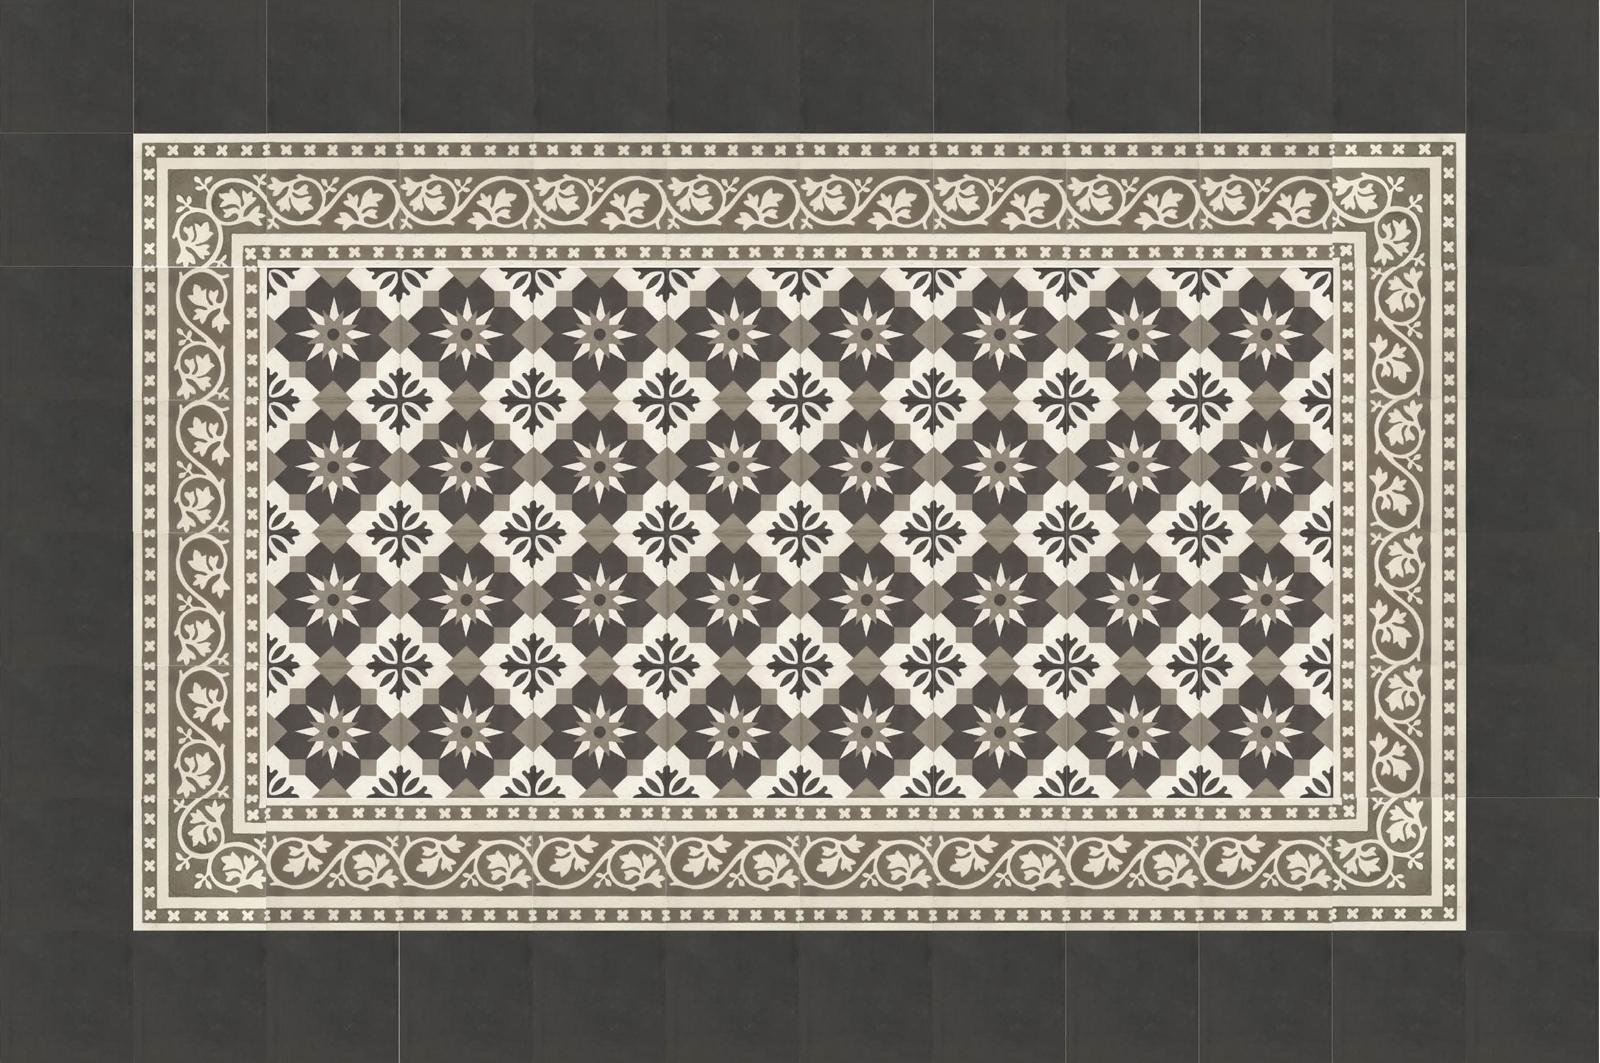 zementmosaikplatten-verlegemuster-51090-52083-viaplatten | 51090/150